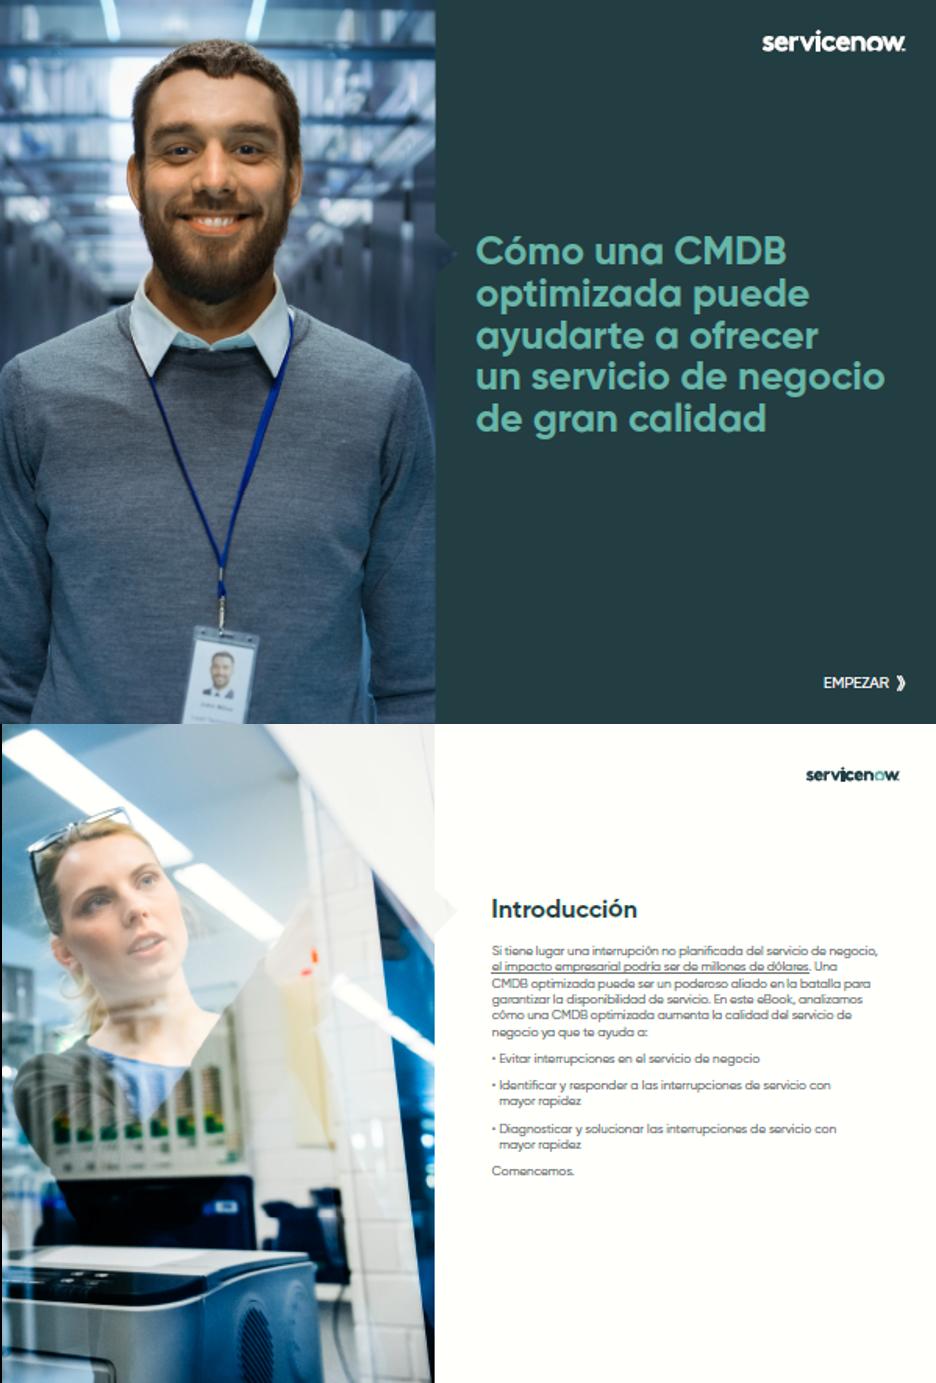 Cómo una CMDB optimizada puede ayudarte a ofrecer un servicio de negocio de gran calidad